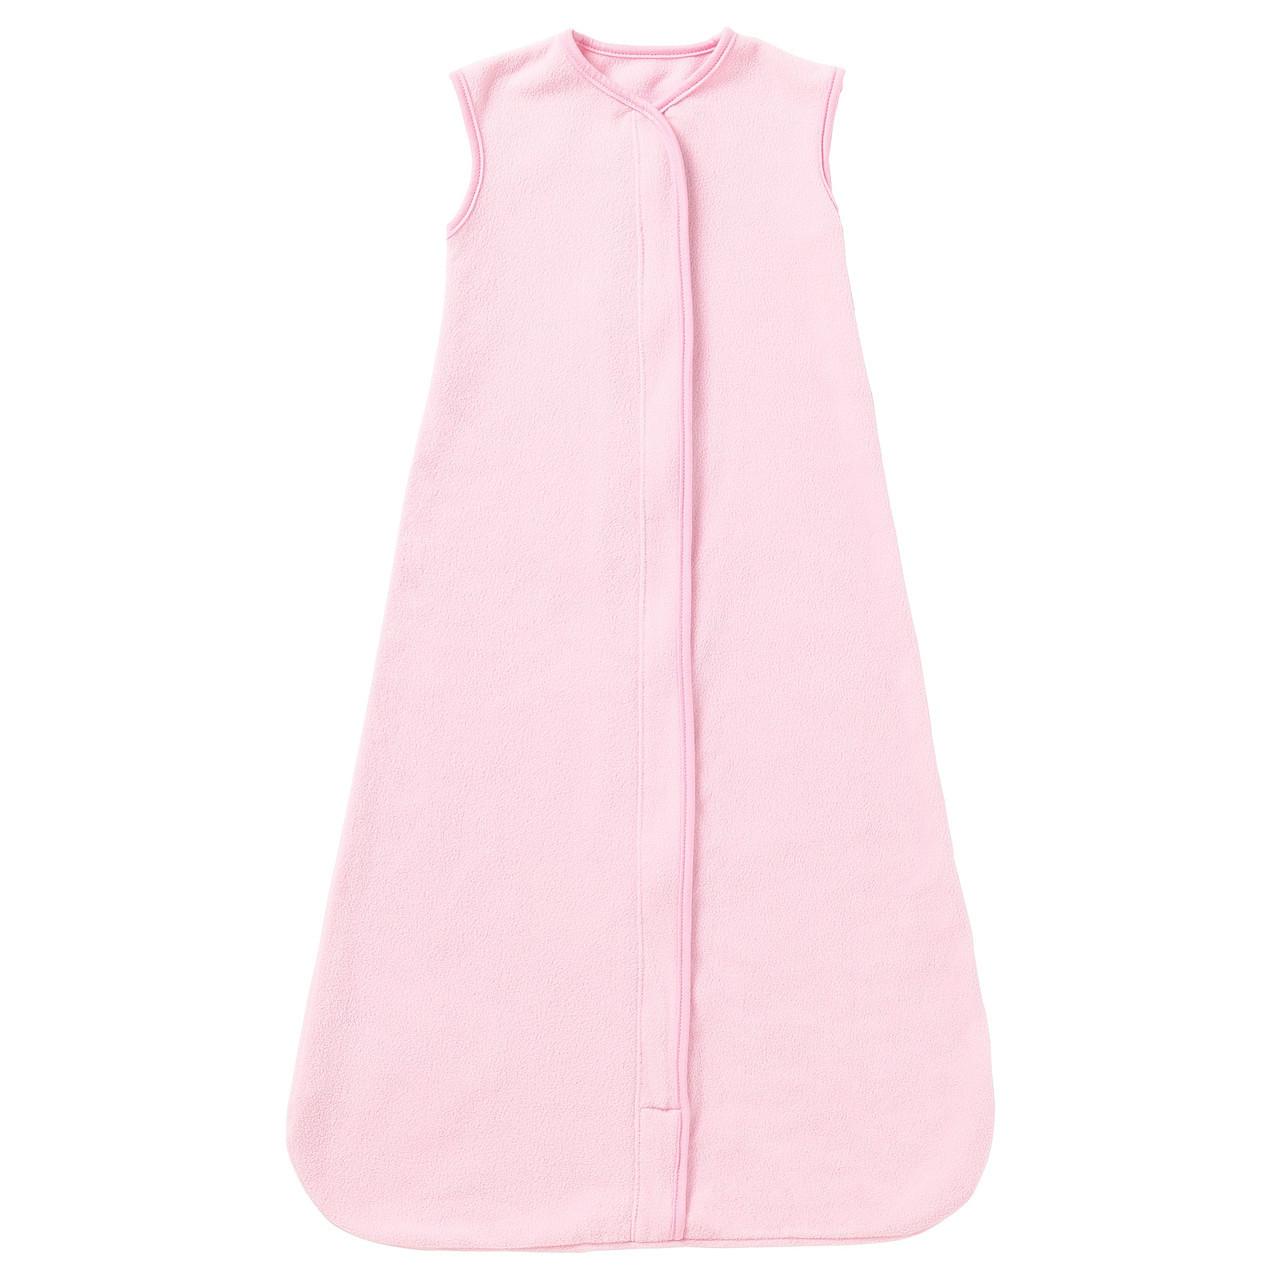 IKEA DROMLAND Детский спальный мешок, розовый  (603.270.24)